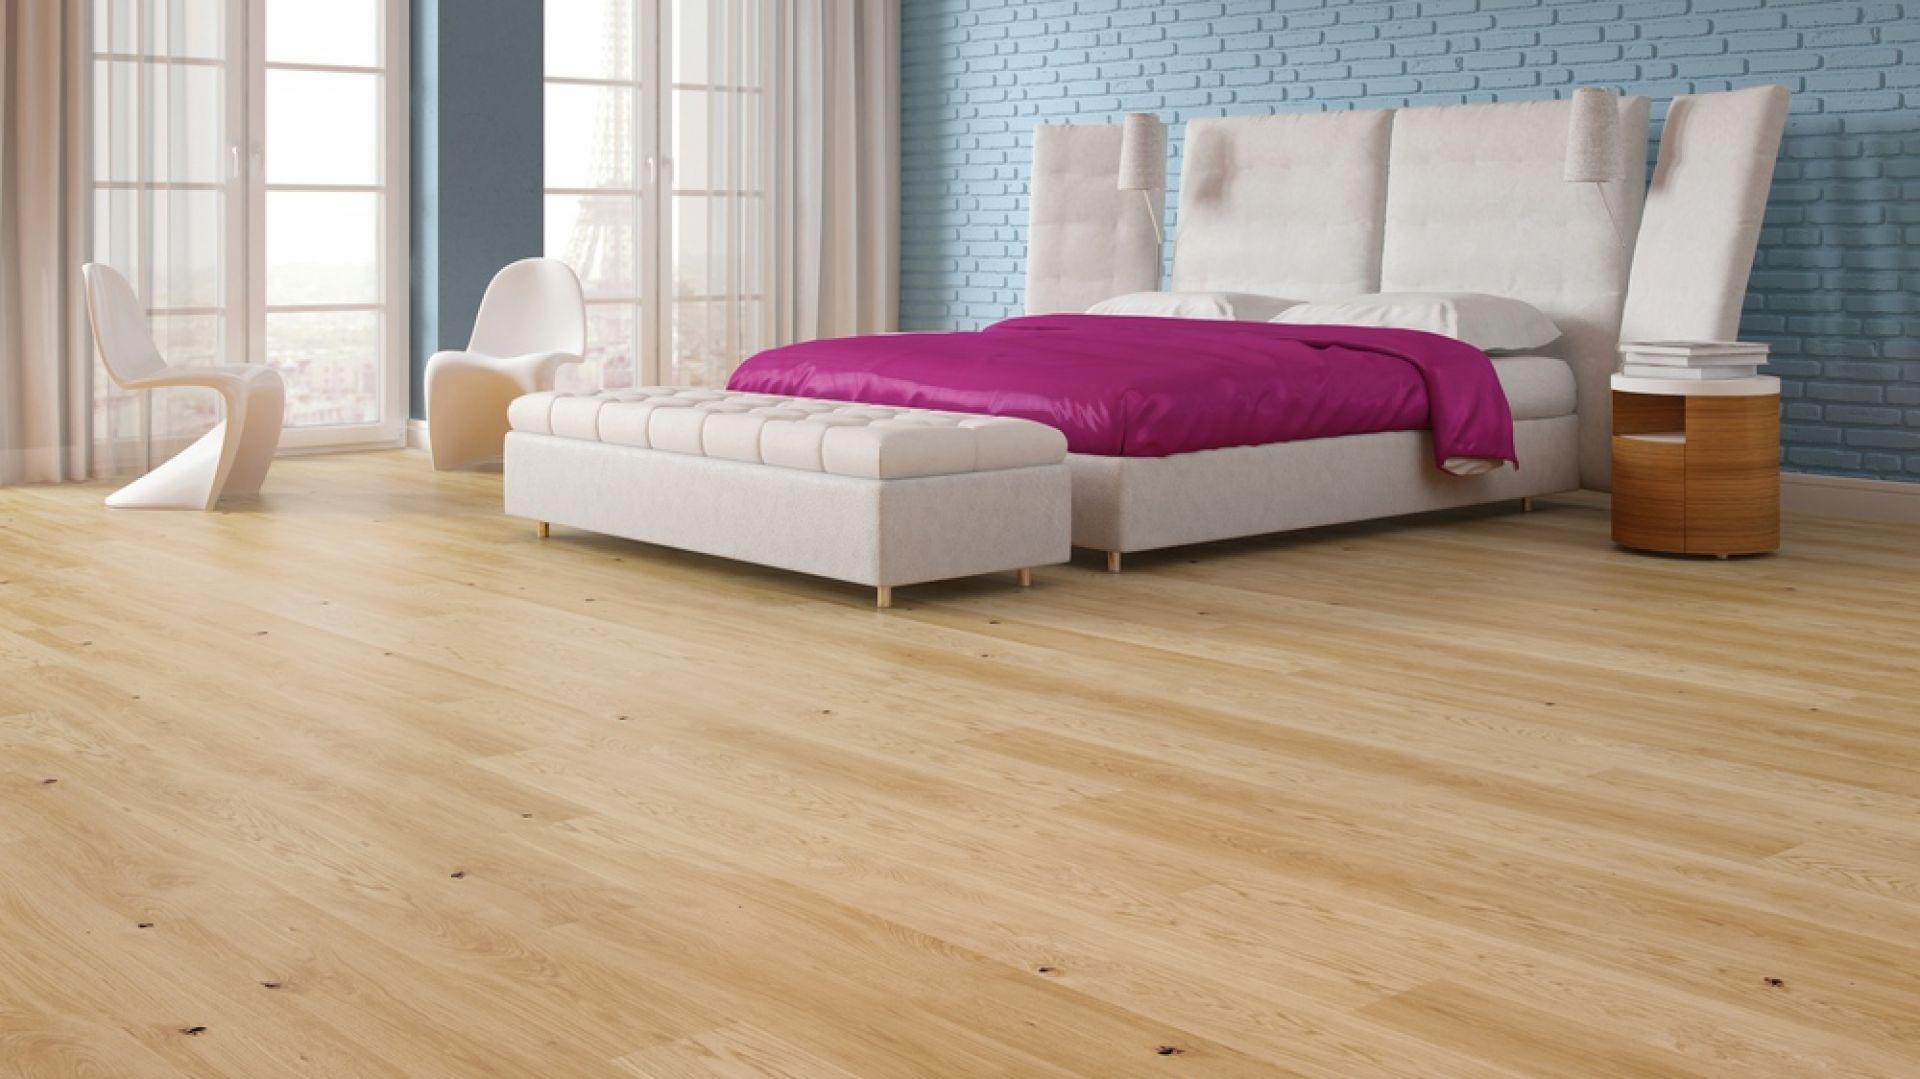 Podłoga z drewna - zobacz co będzie modne w 2019 roku: Dąb Unique Melody Collection. Fot. Baltic Wood